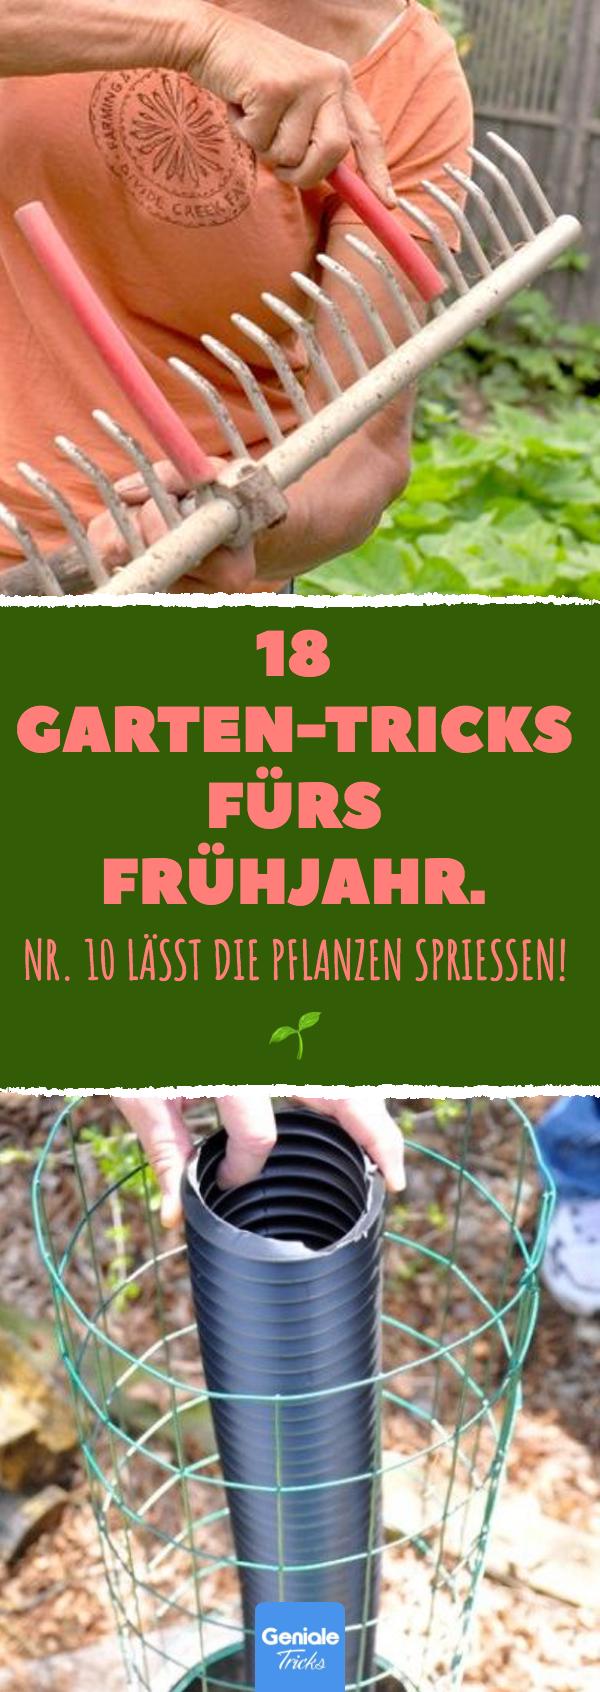 18 Garten-Tricks fürs Frühjahr.